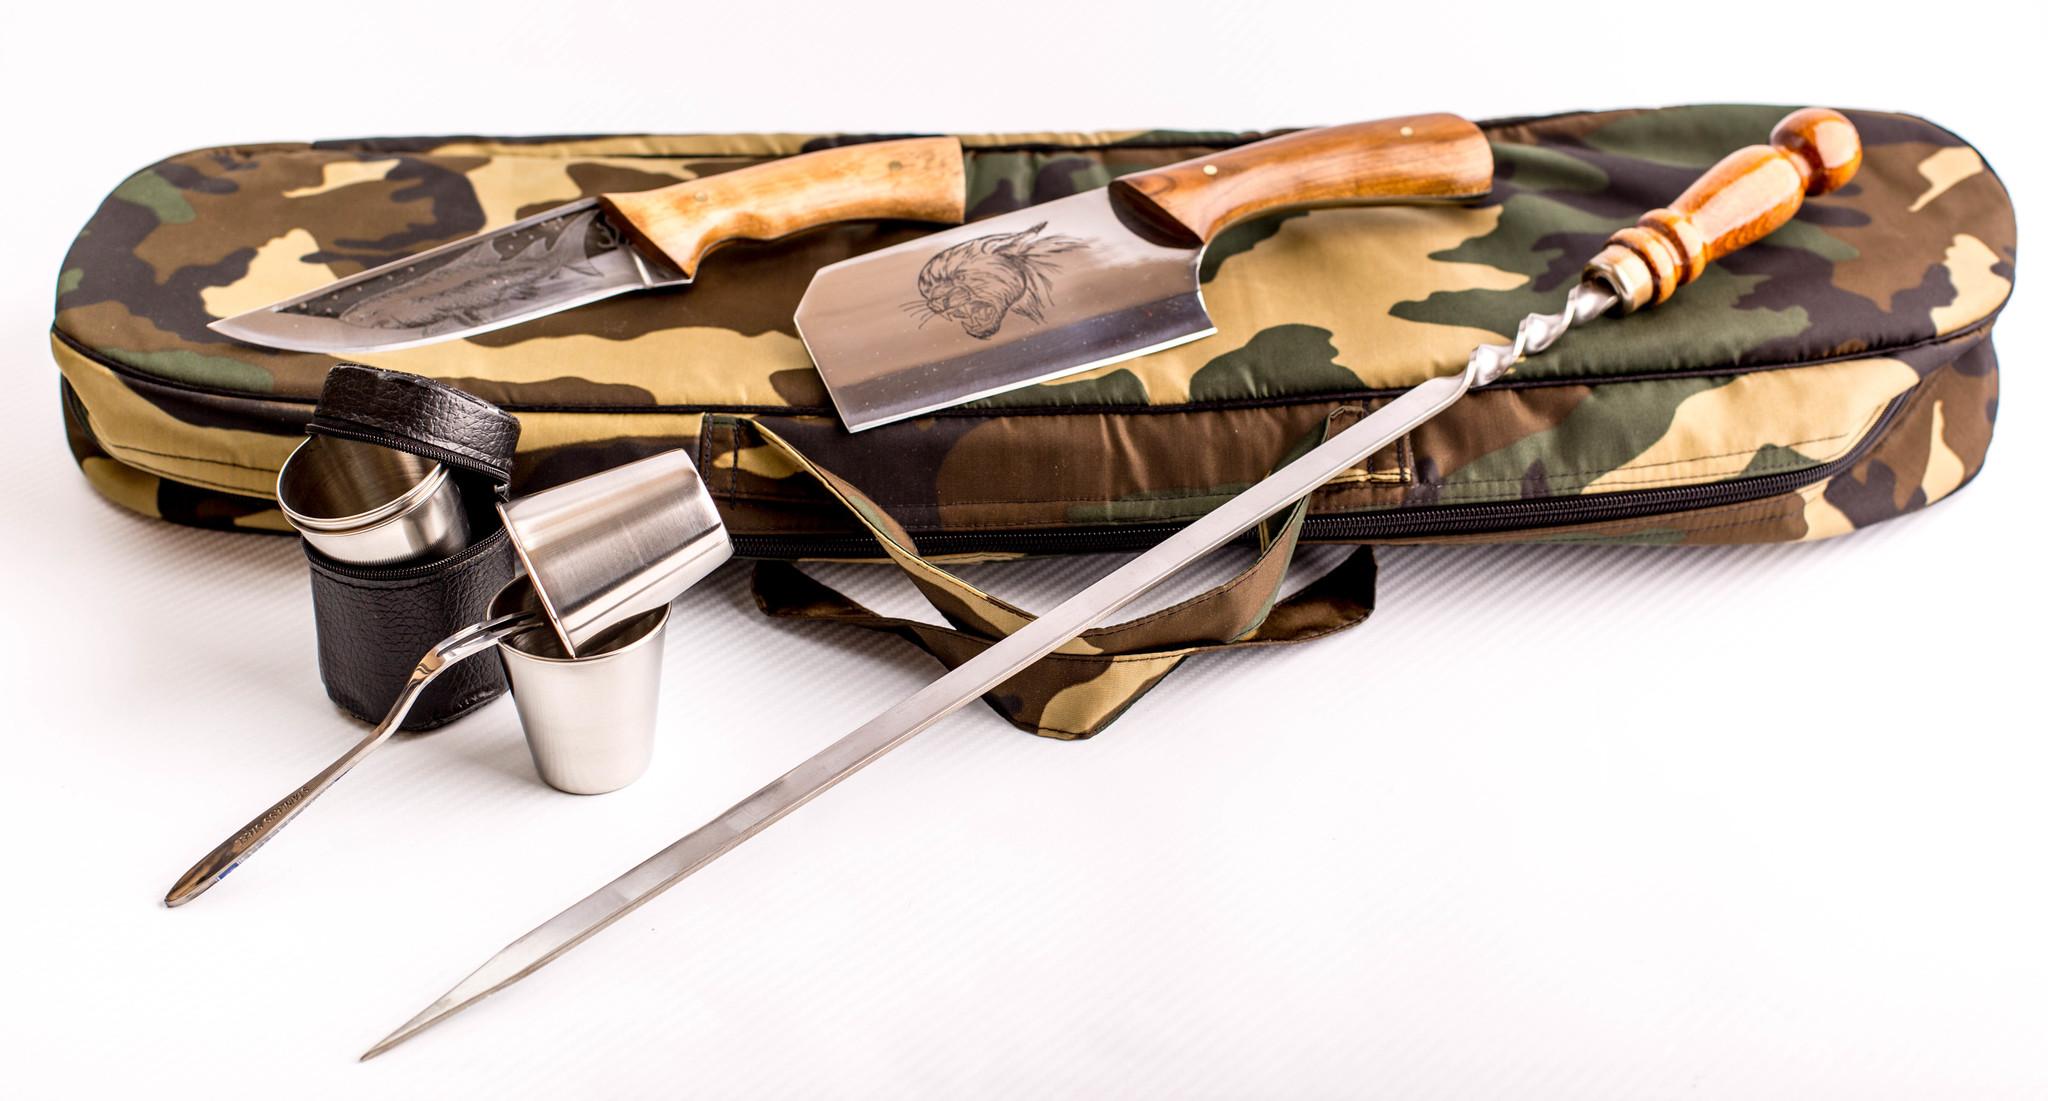 Фото 6 - Шашлычный набор Камуфляж, Кизляр от Кизляр СТО